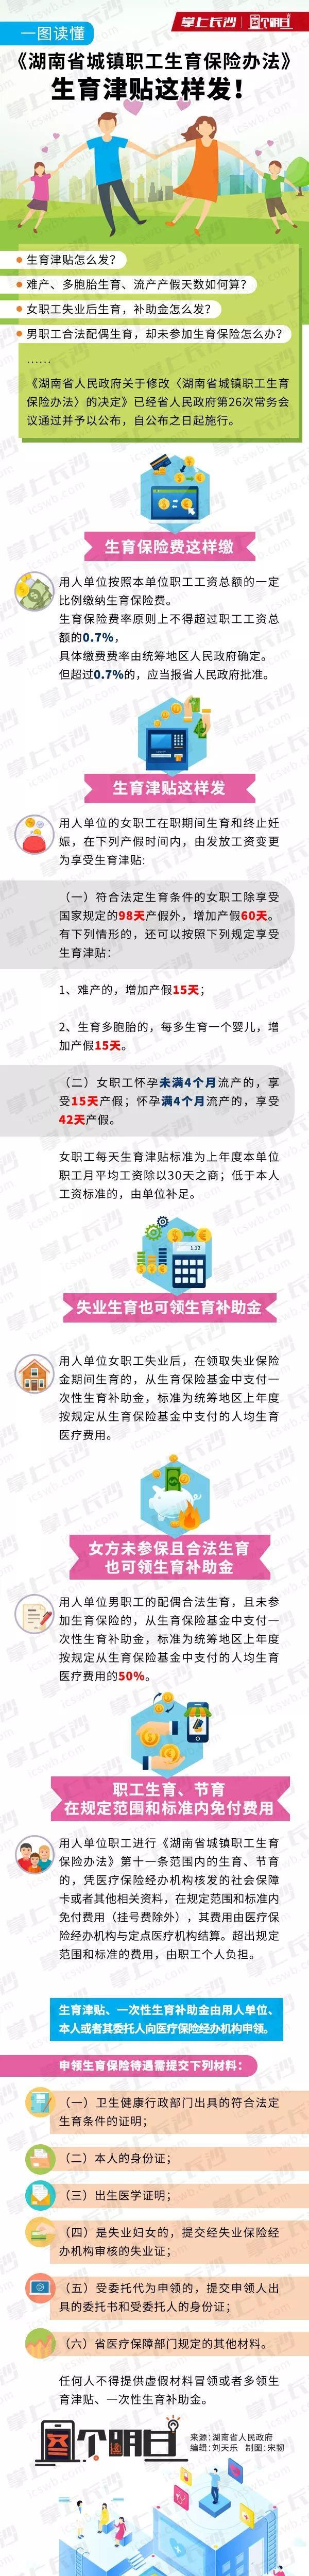 2019年湖南省城镇职工生育保险办法(图解)